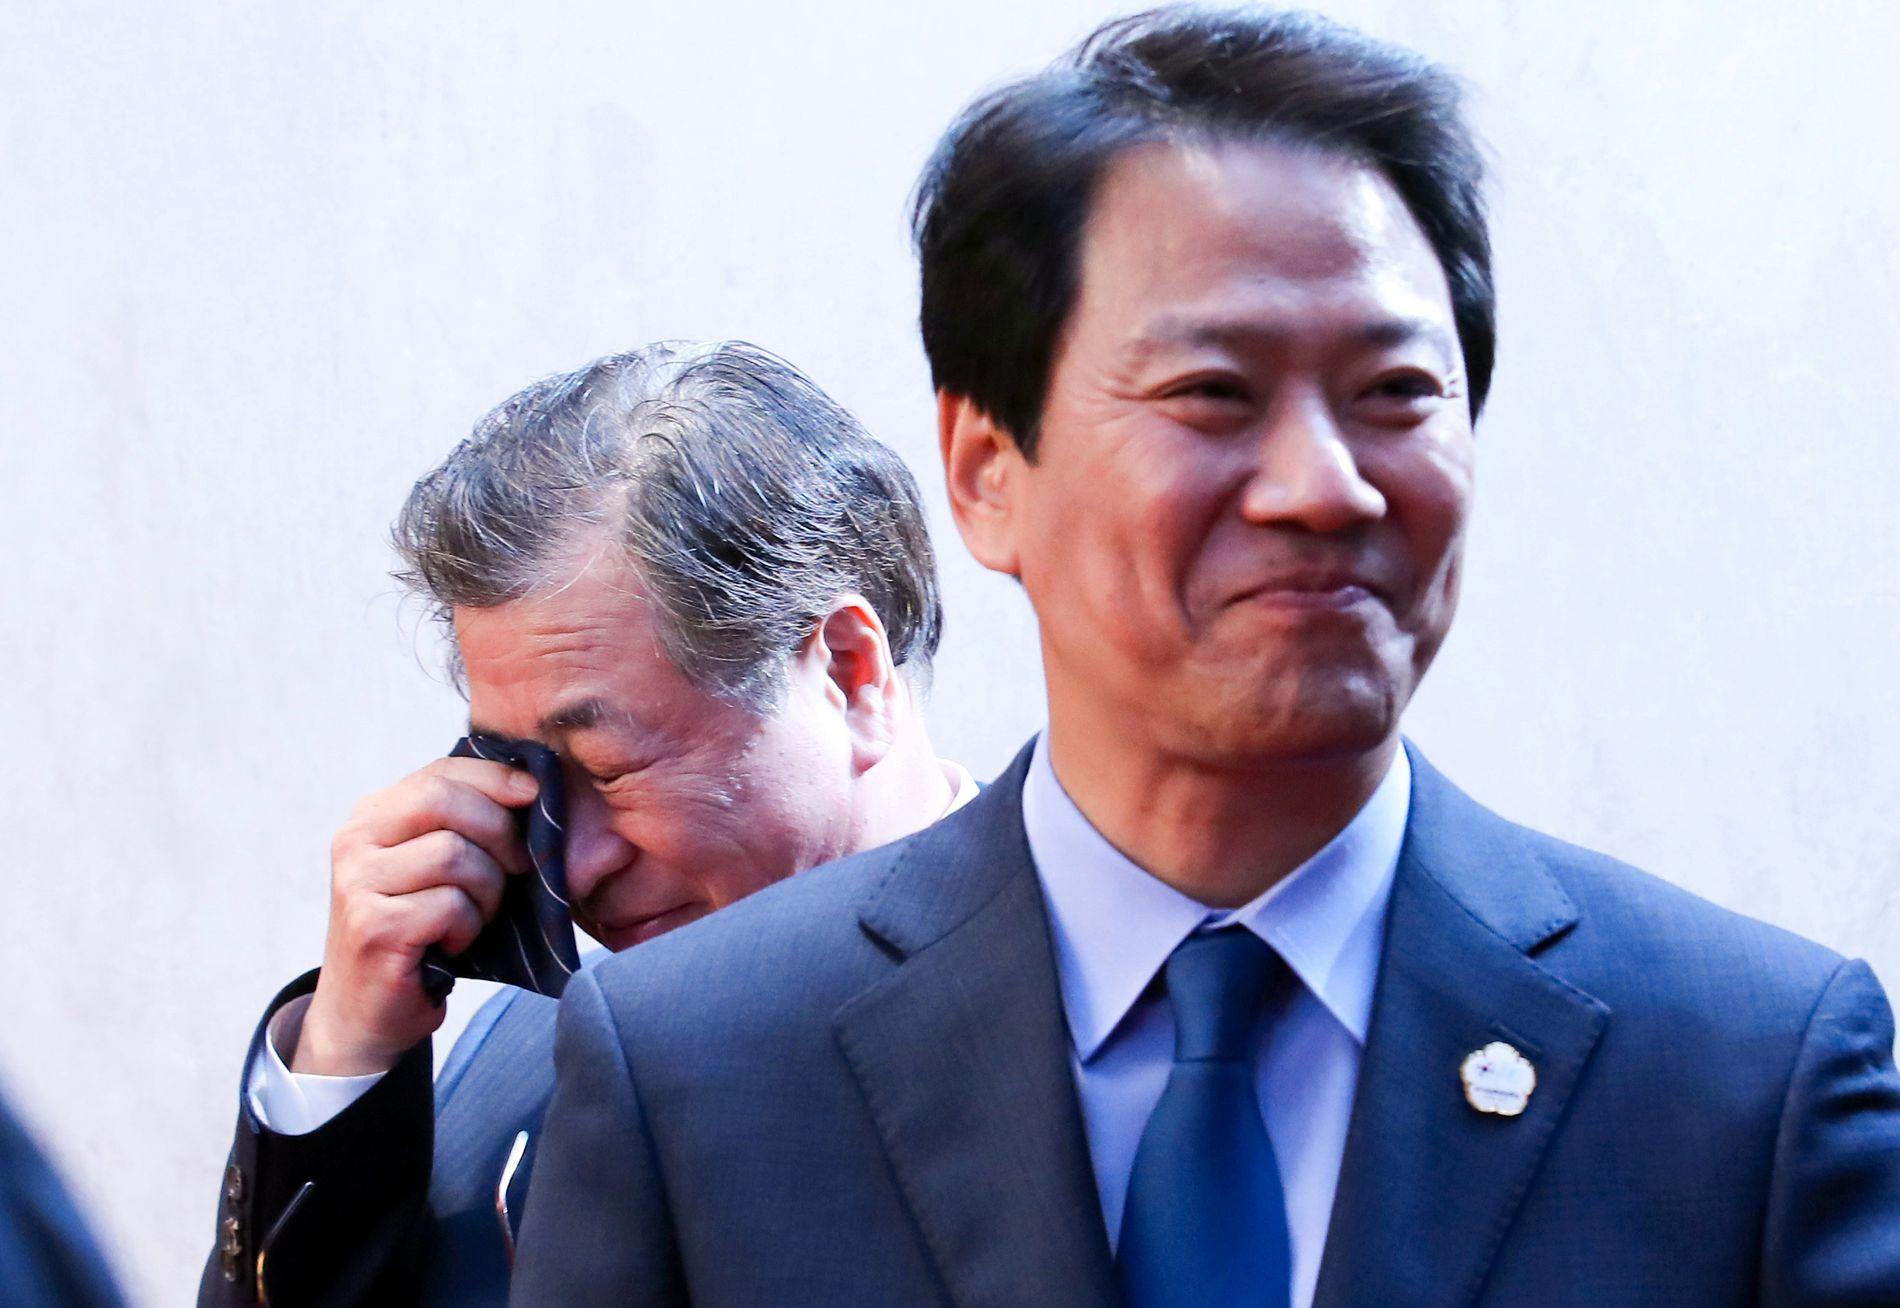 GLEDE: Sikkerhetssjef Suh-hoon tørker tårene, mens presidentens sekretær, Im Jong-seok, er bristeferdig av glede etter fredagens toppmøte mellom Sør-Korea og Nord-Korea.